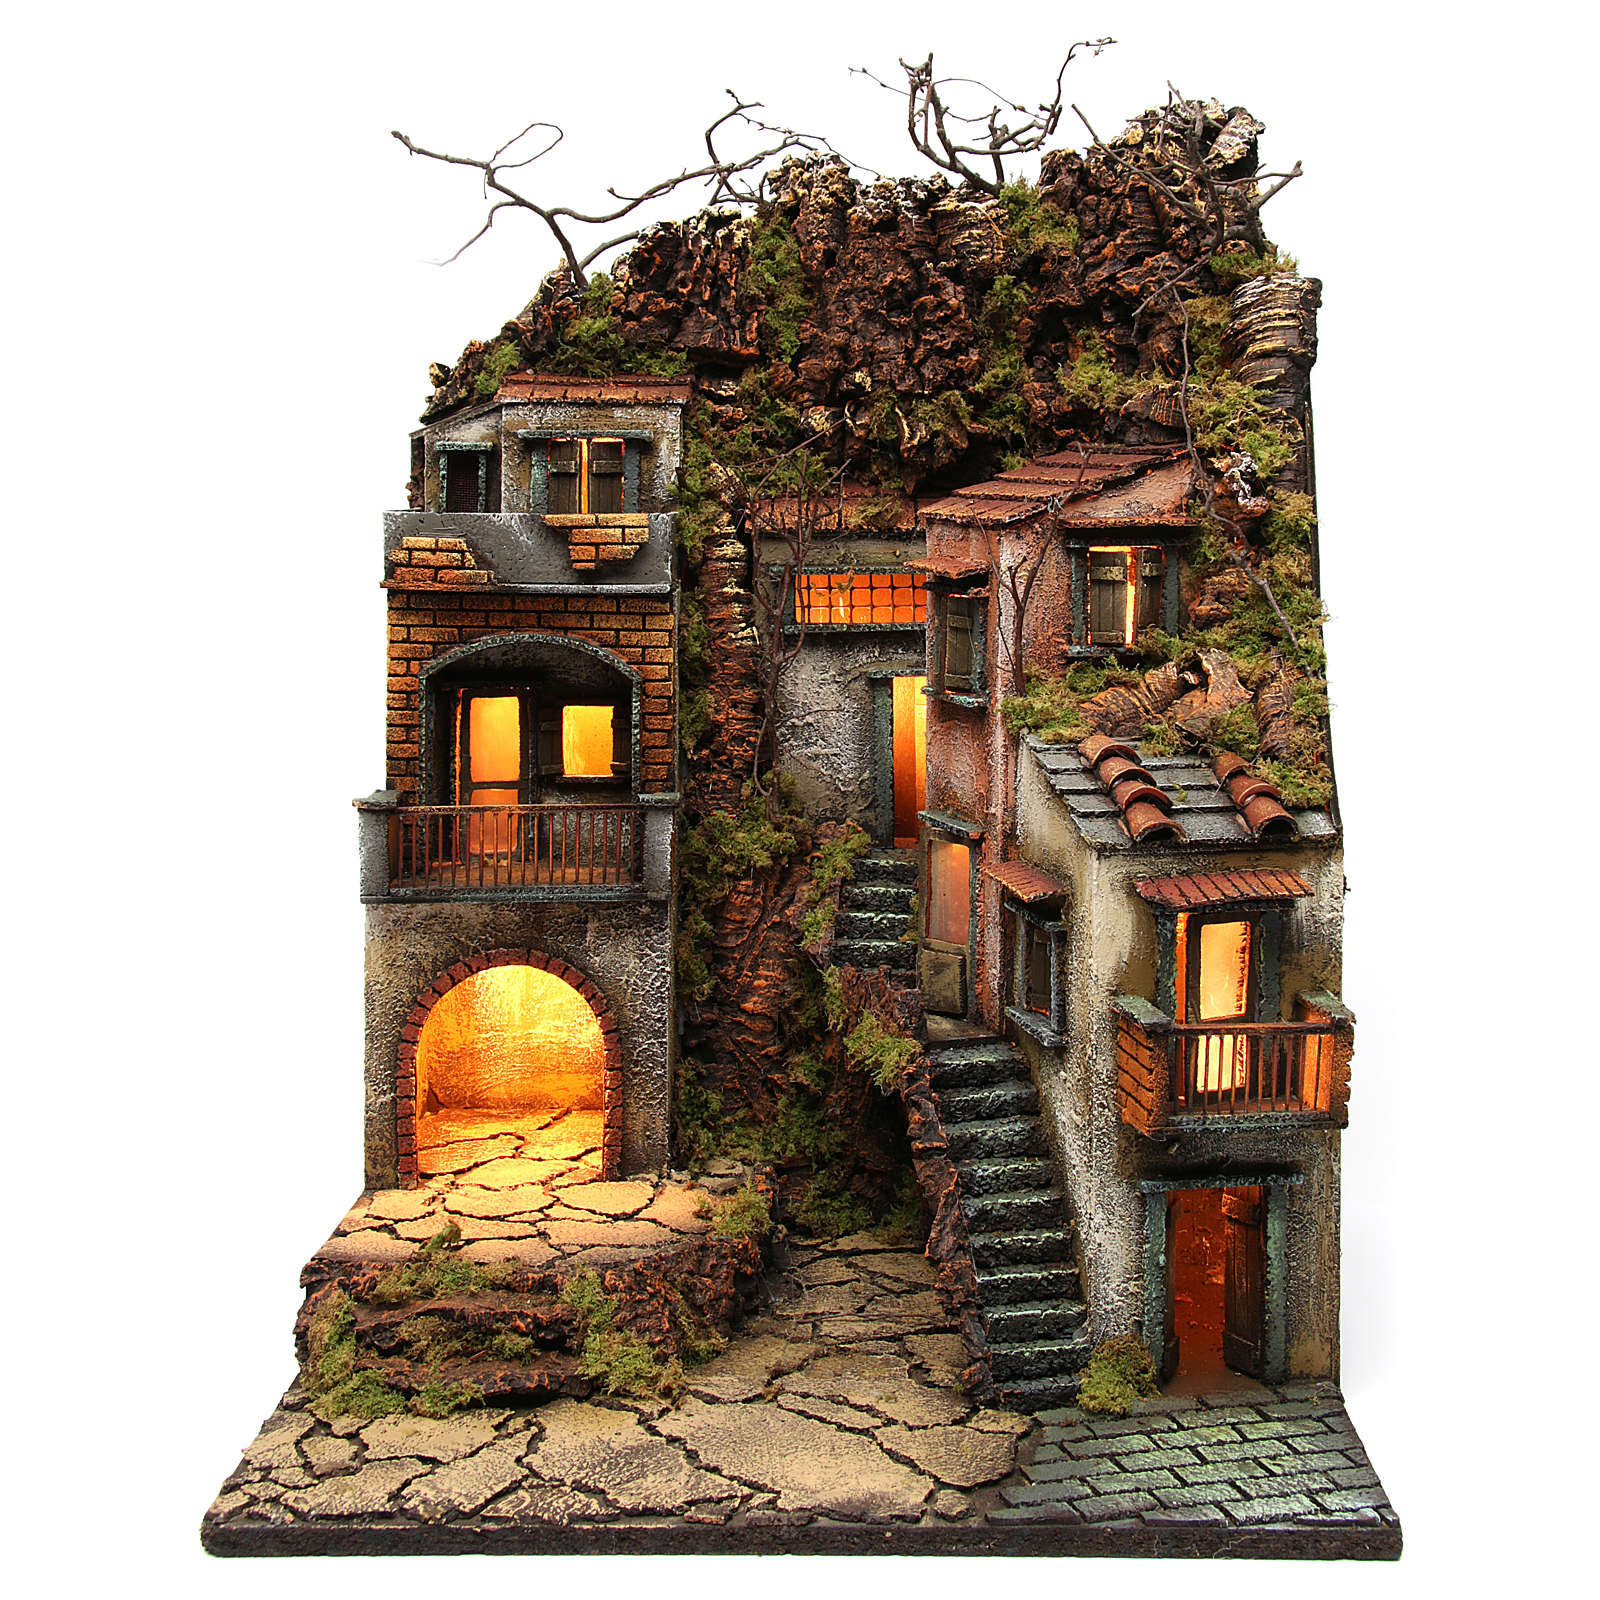 Borgo con balconi e luci per presepe 65x50x50 cm stile napoletano 700 4